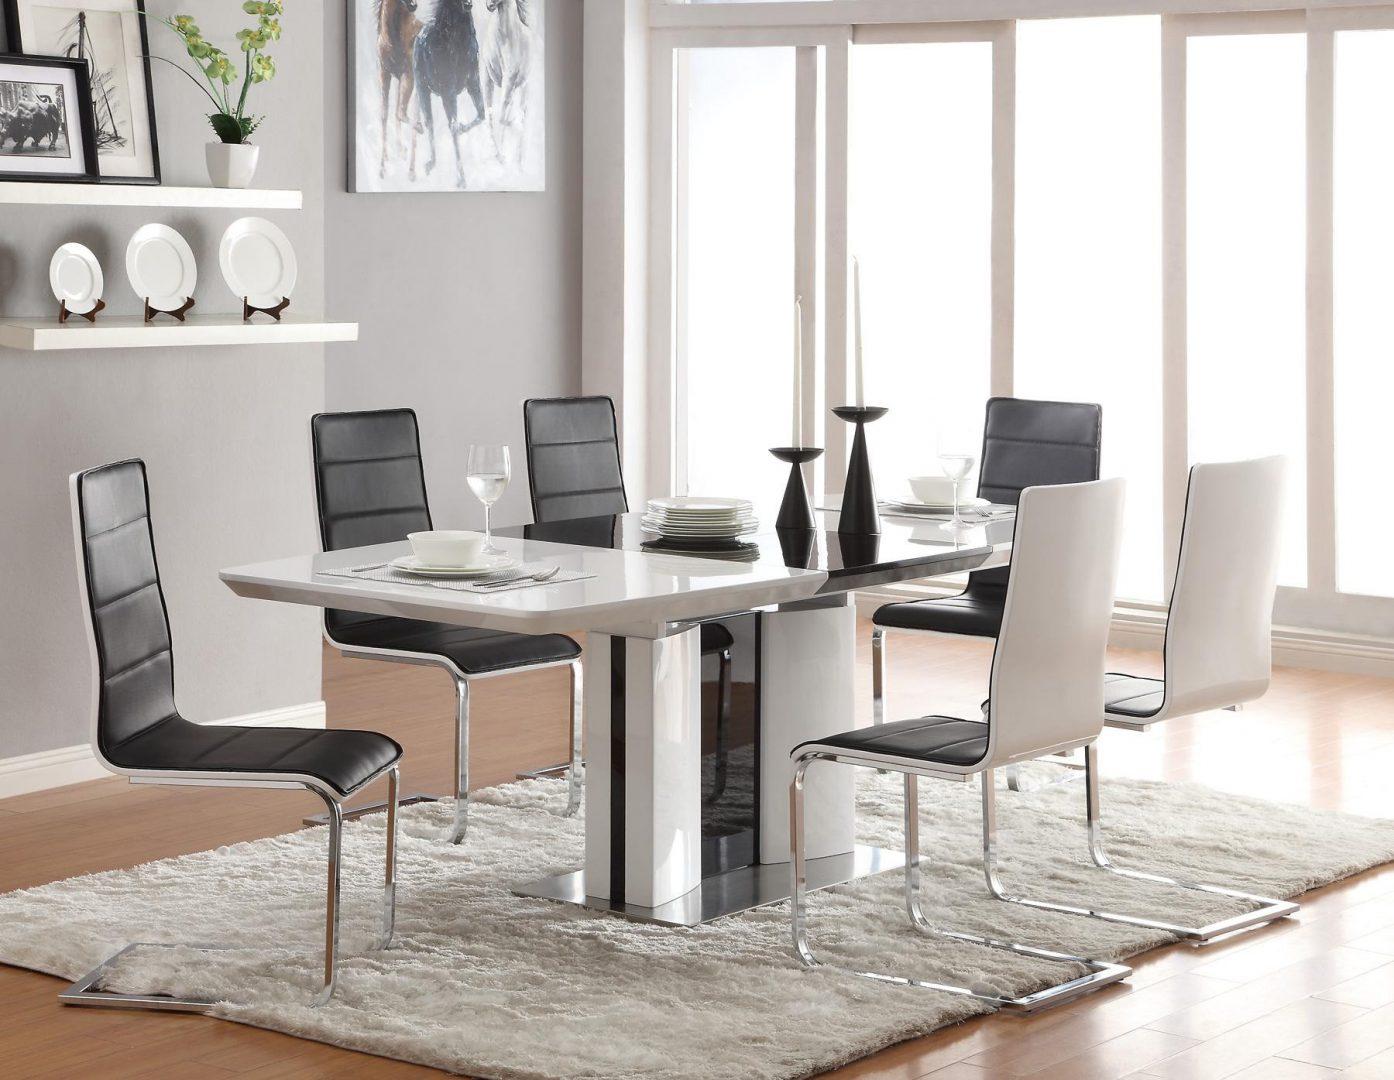 Mesa moderna de comedor en blanco y negro :: Imágenes y fotos